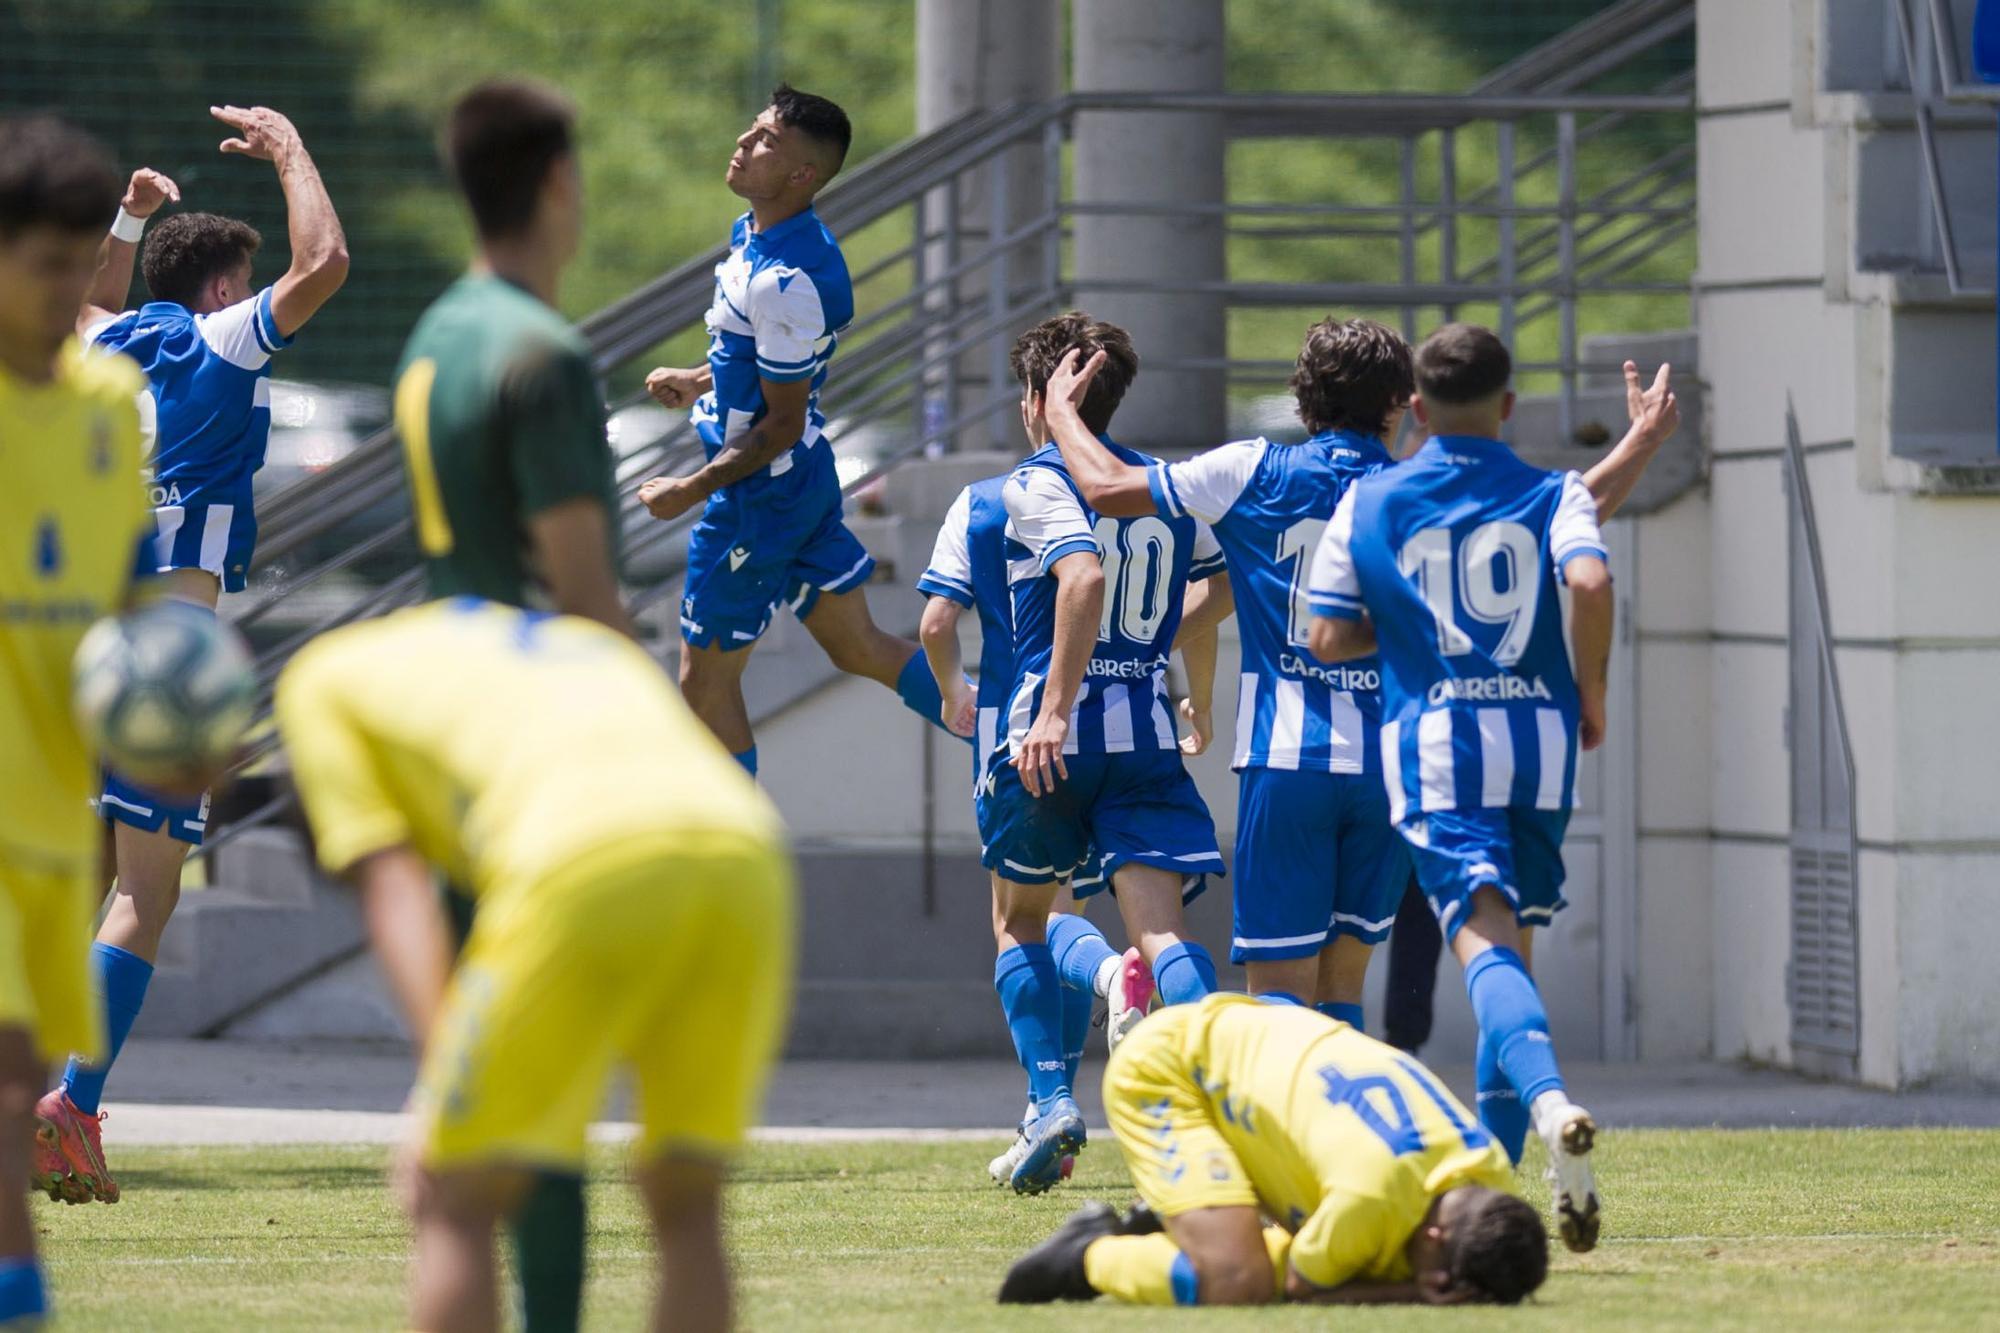 El Dépor juvenil le gana 2-1 al Las Palmas en la ida de los cuartos de final de la Copa de Campeones